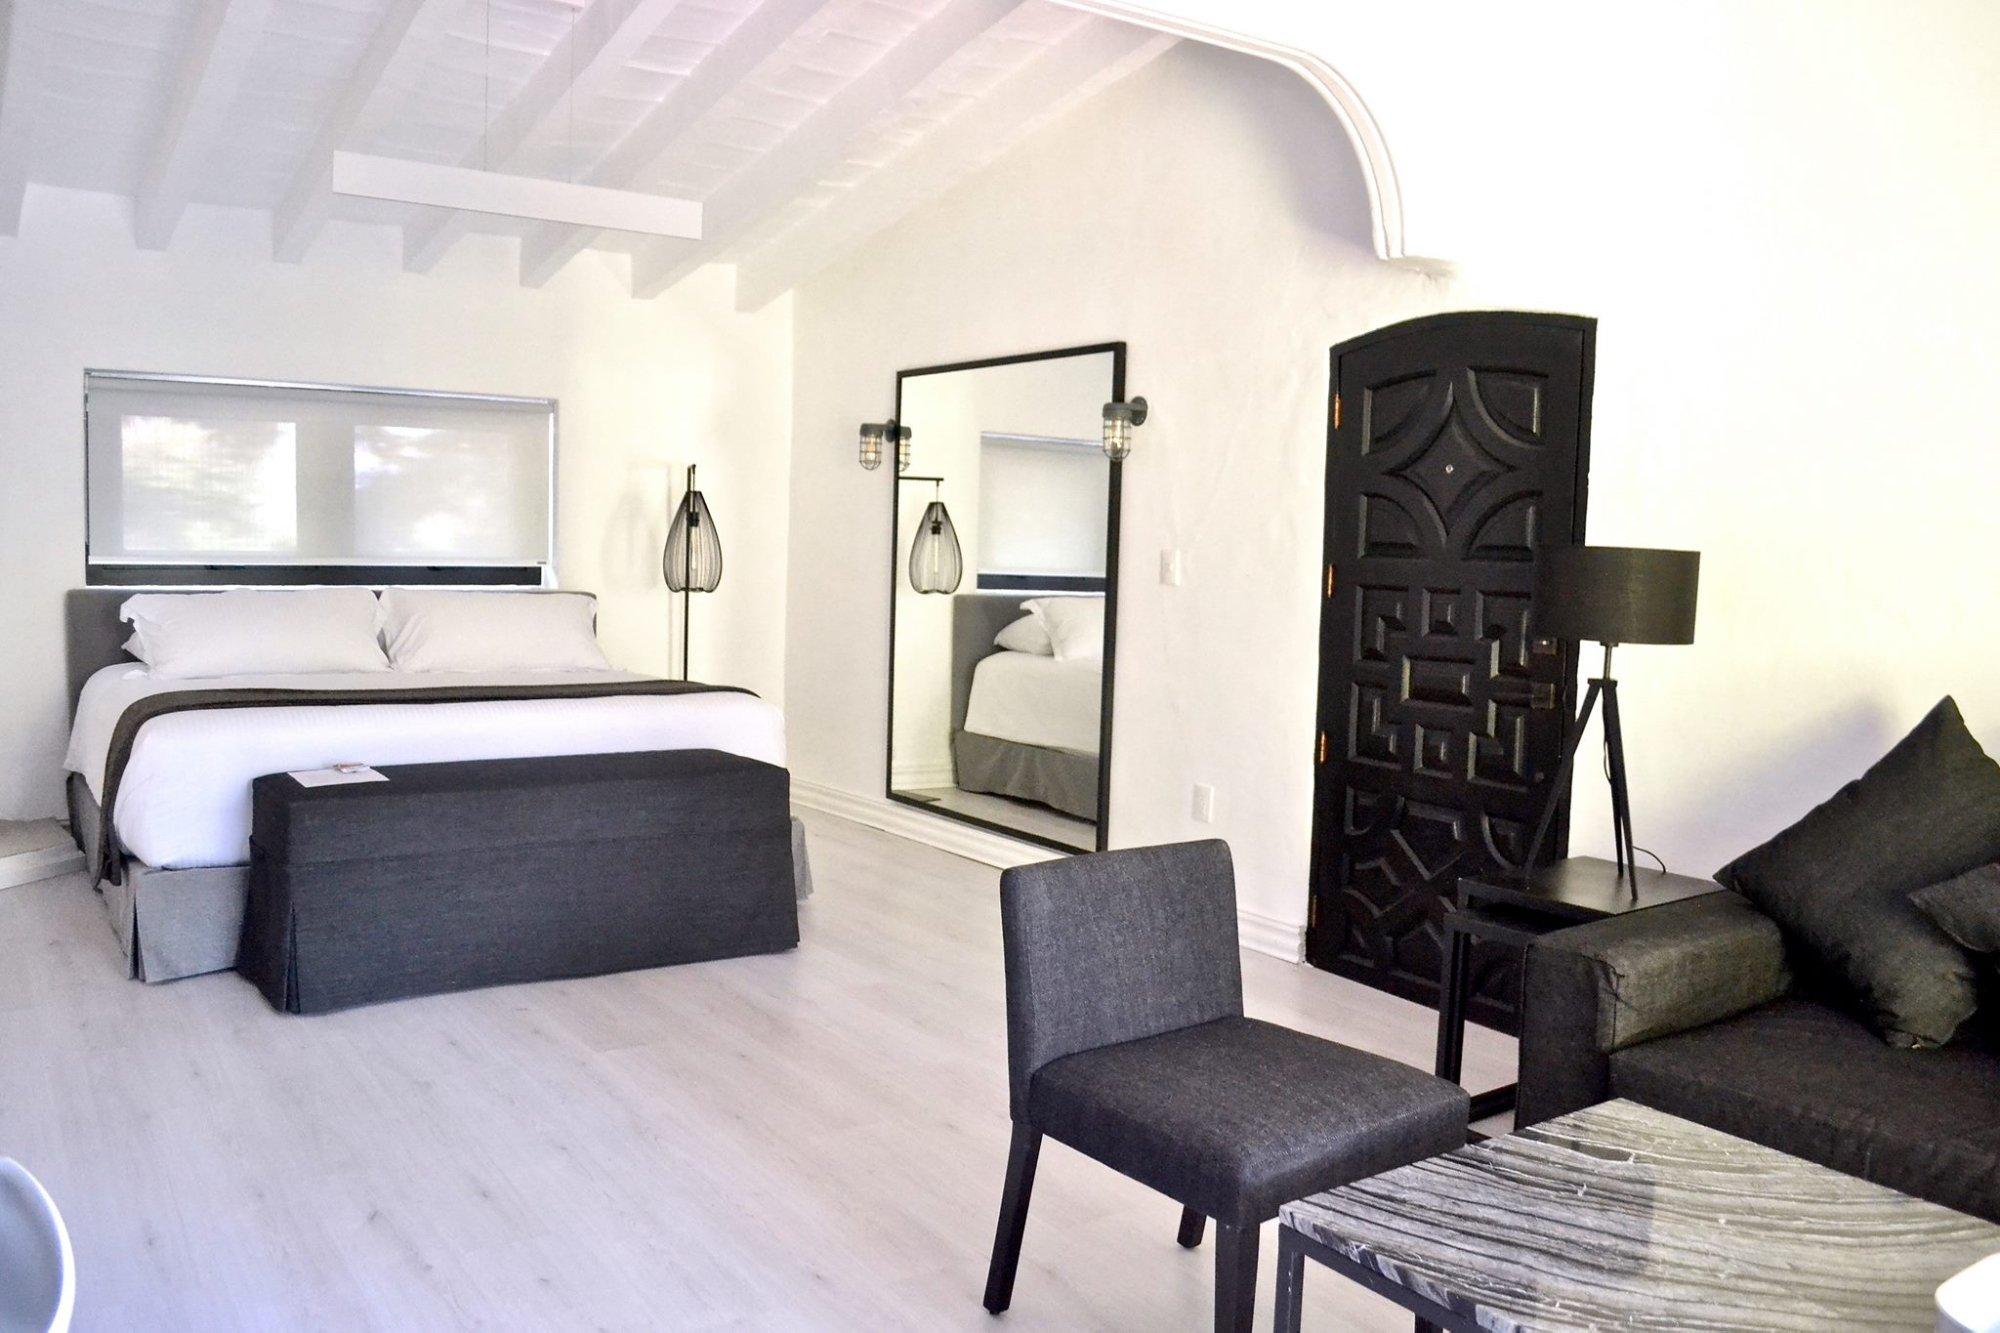 ラス カサス B+B ホテル